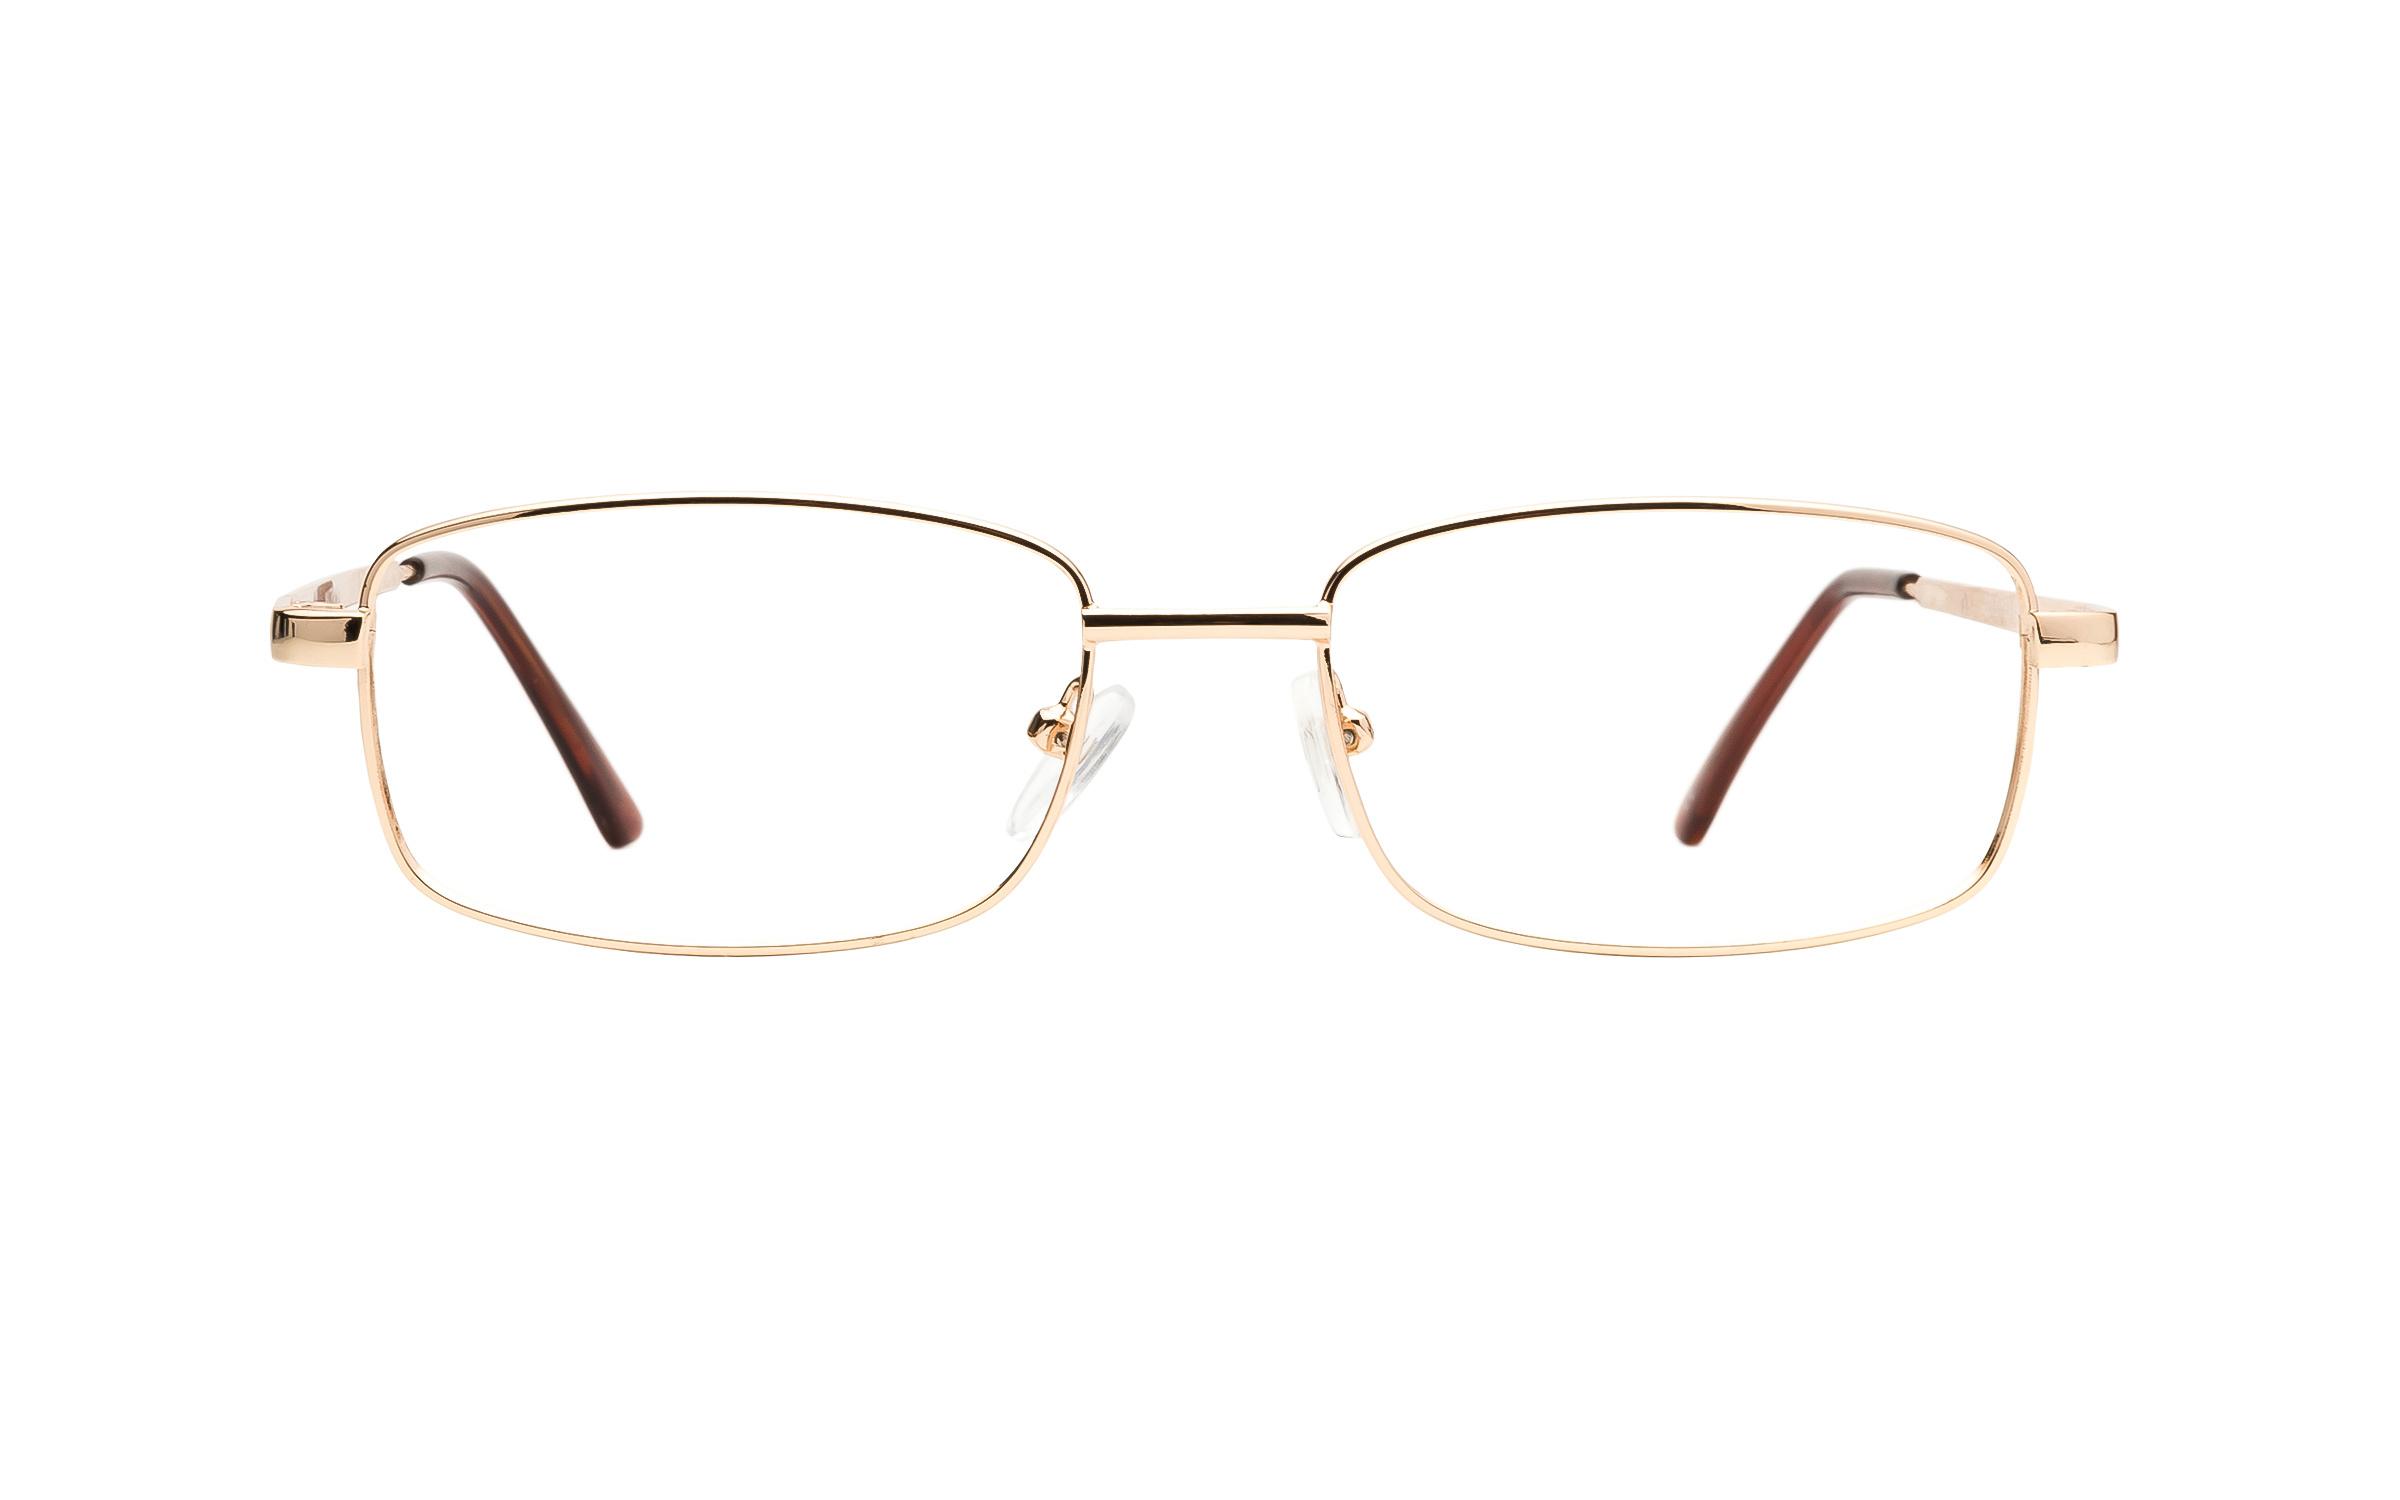 Matrix 216 (52) Eyeglasses and Frame in Gold | Metal - Online